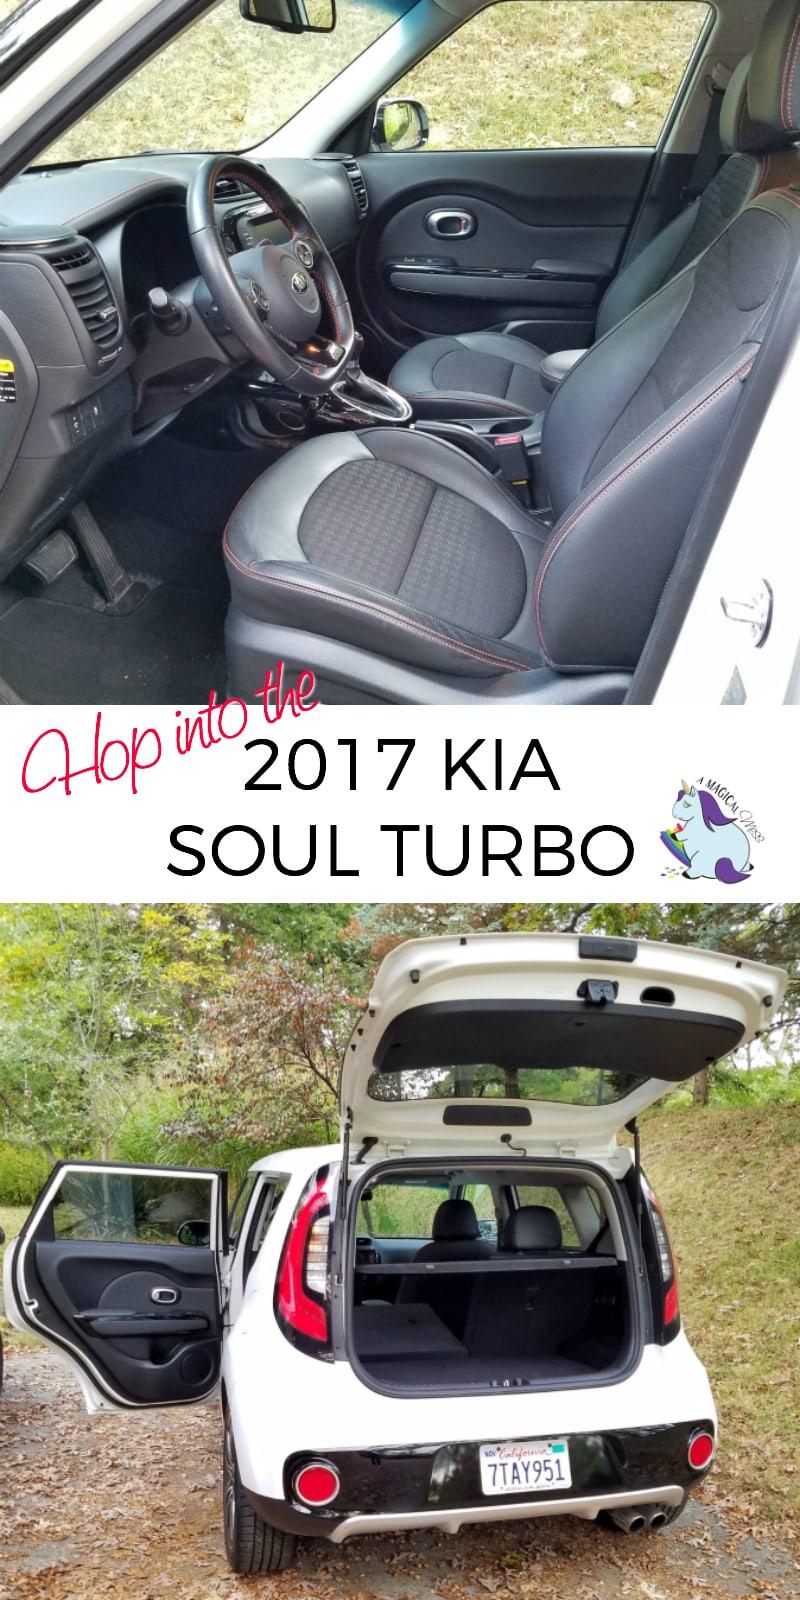 Happiness in Machinery - 2017 Kia Soul Review #TheNewKia #KiaSoulTurbo